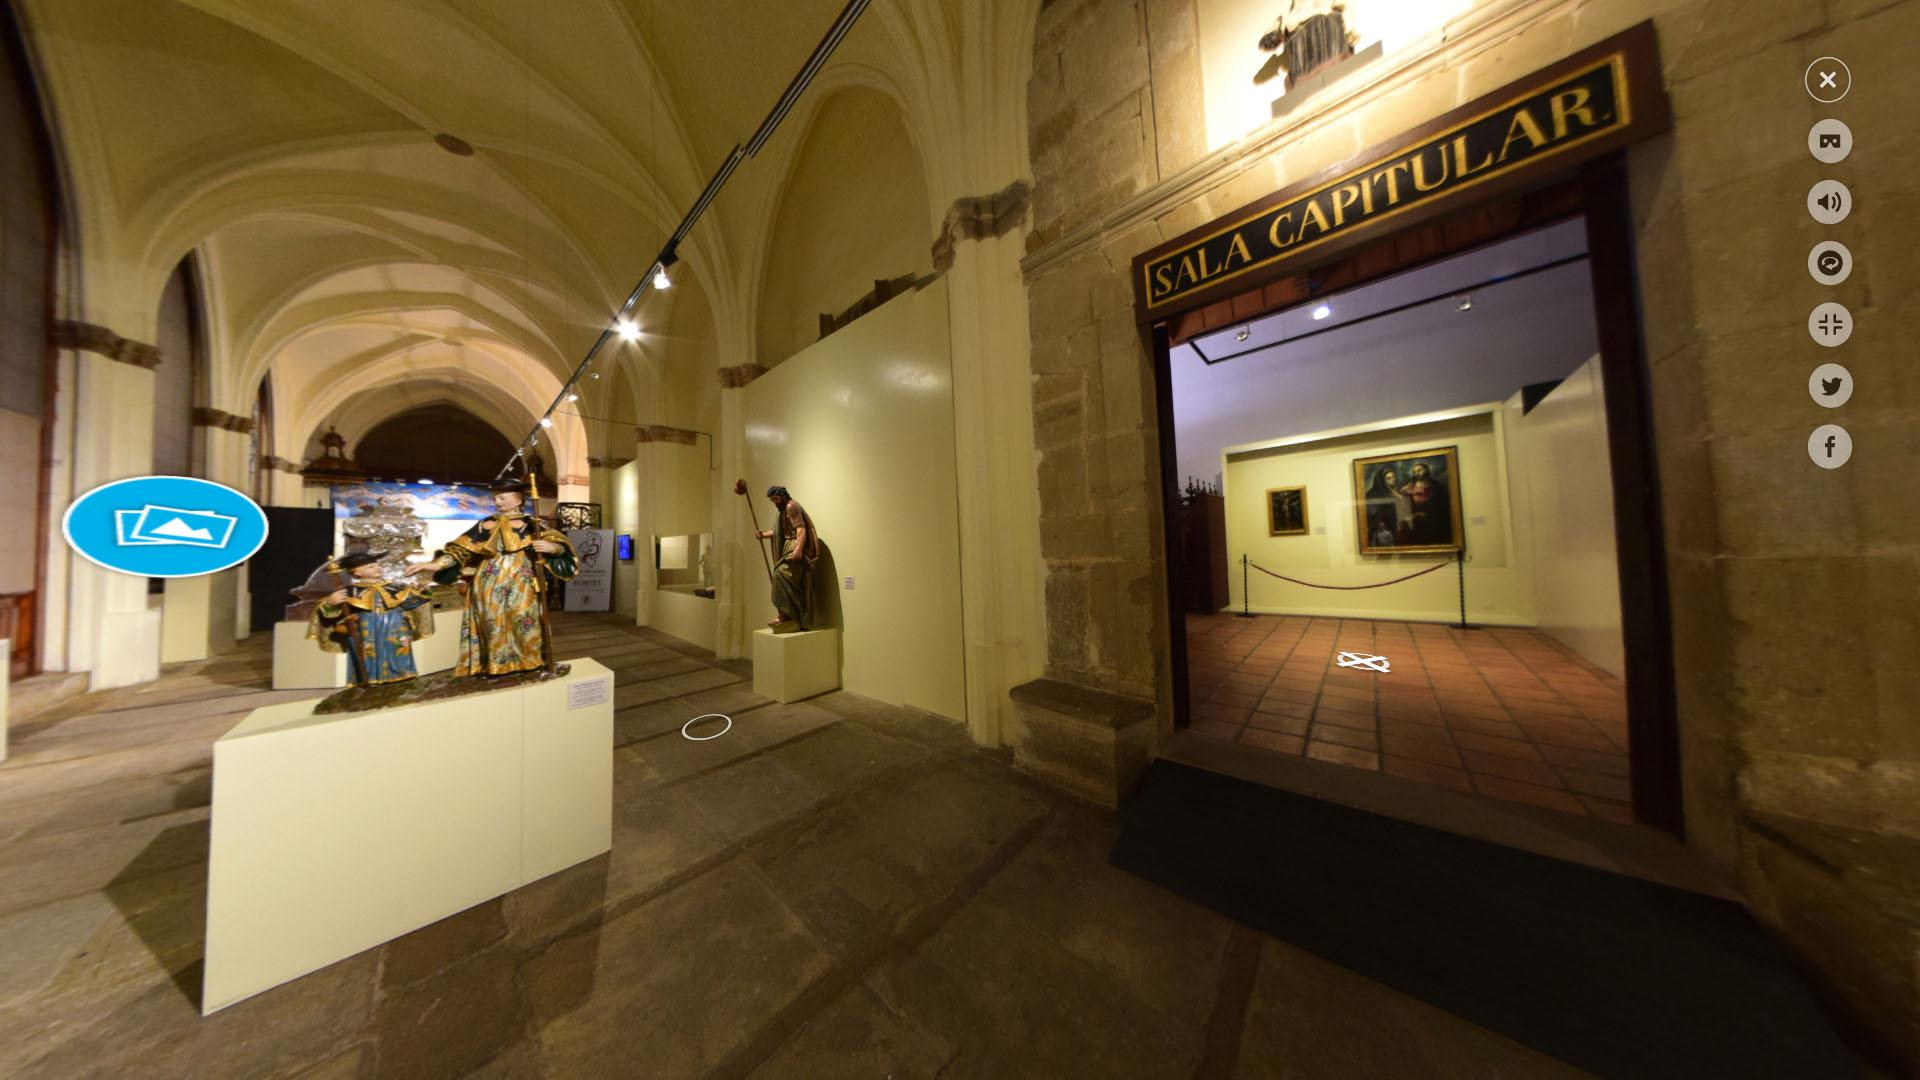 Dominicus virtual - smart coolture, una idea original de Proyectos Culturales - Gestión del patrimonio cultural, proyectos, actividades y formación